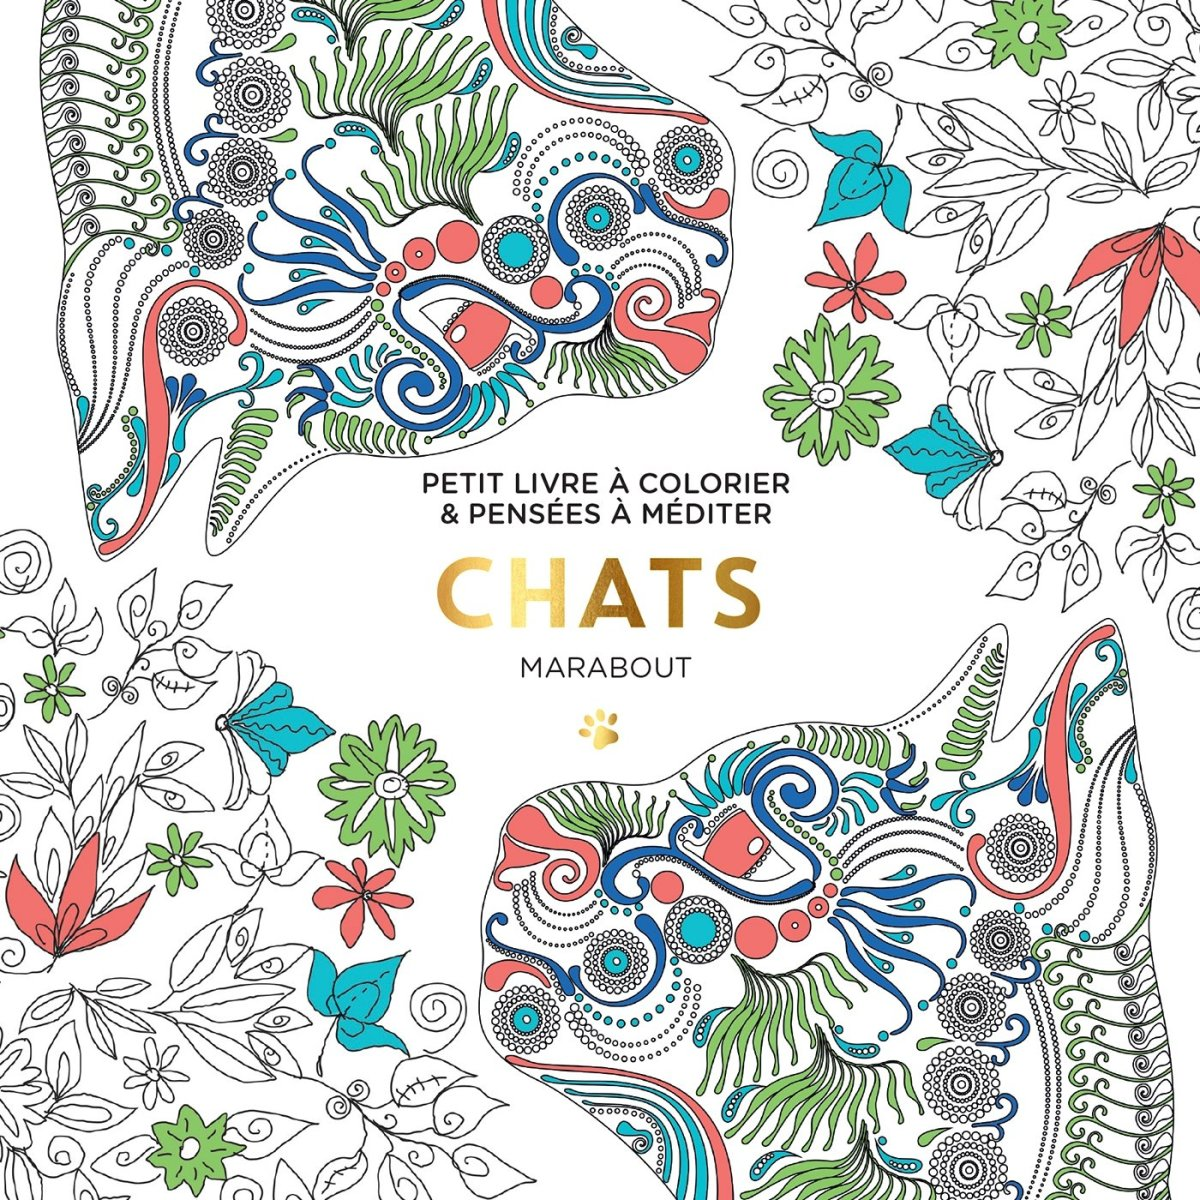 Le petit livre du coloriage chats - Chat a colorier ...